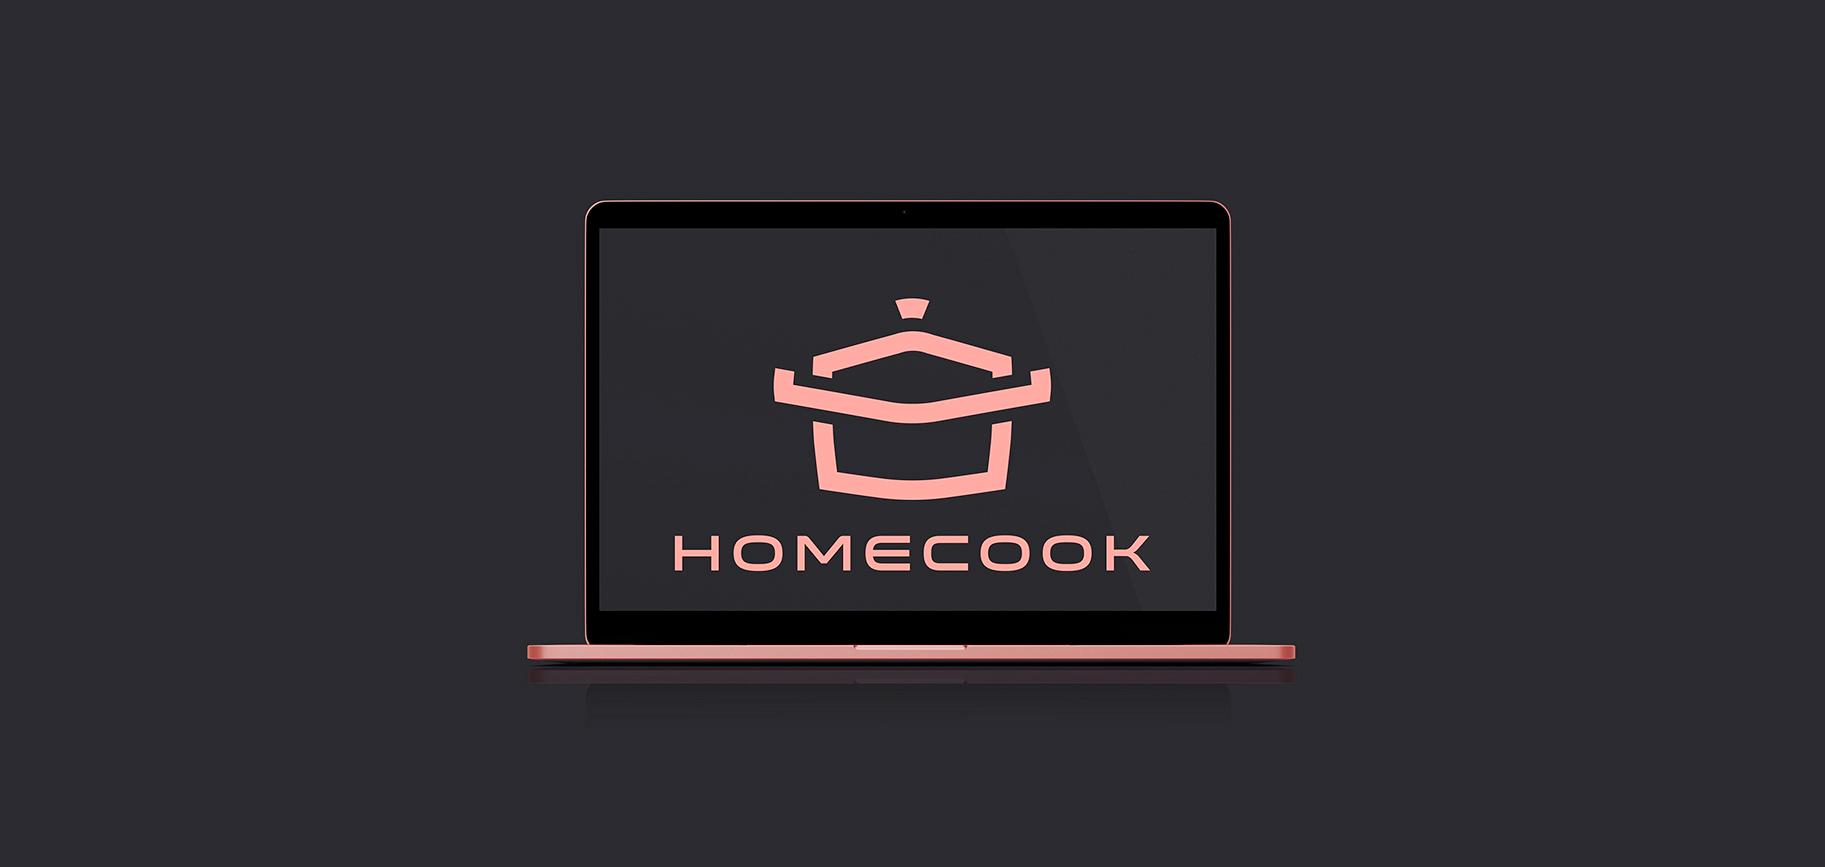 homecook-1